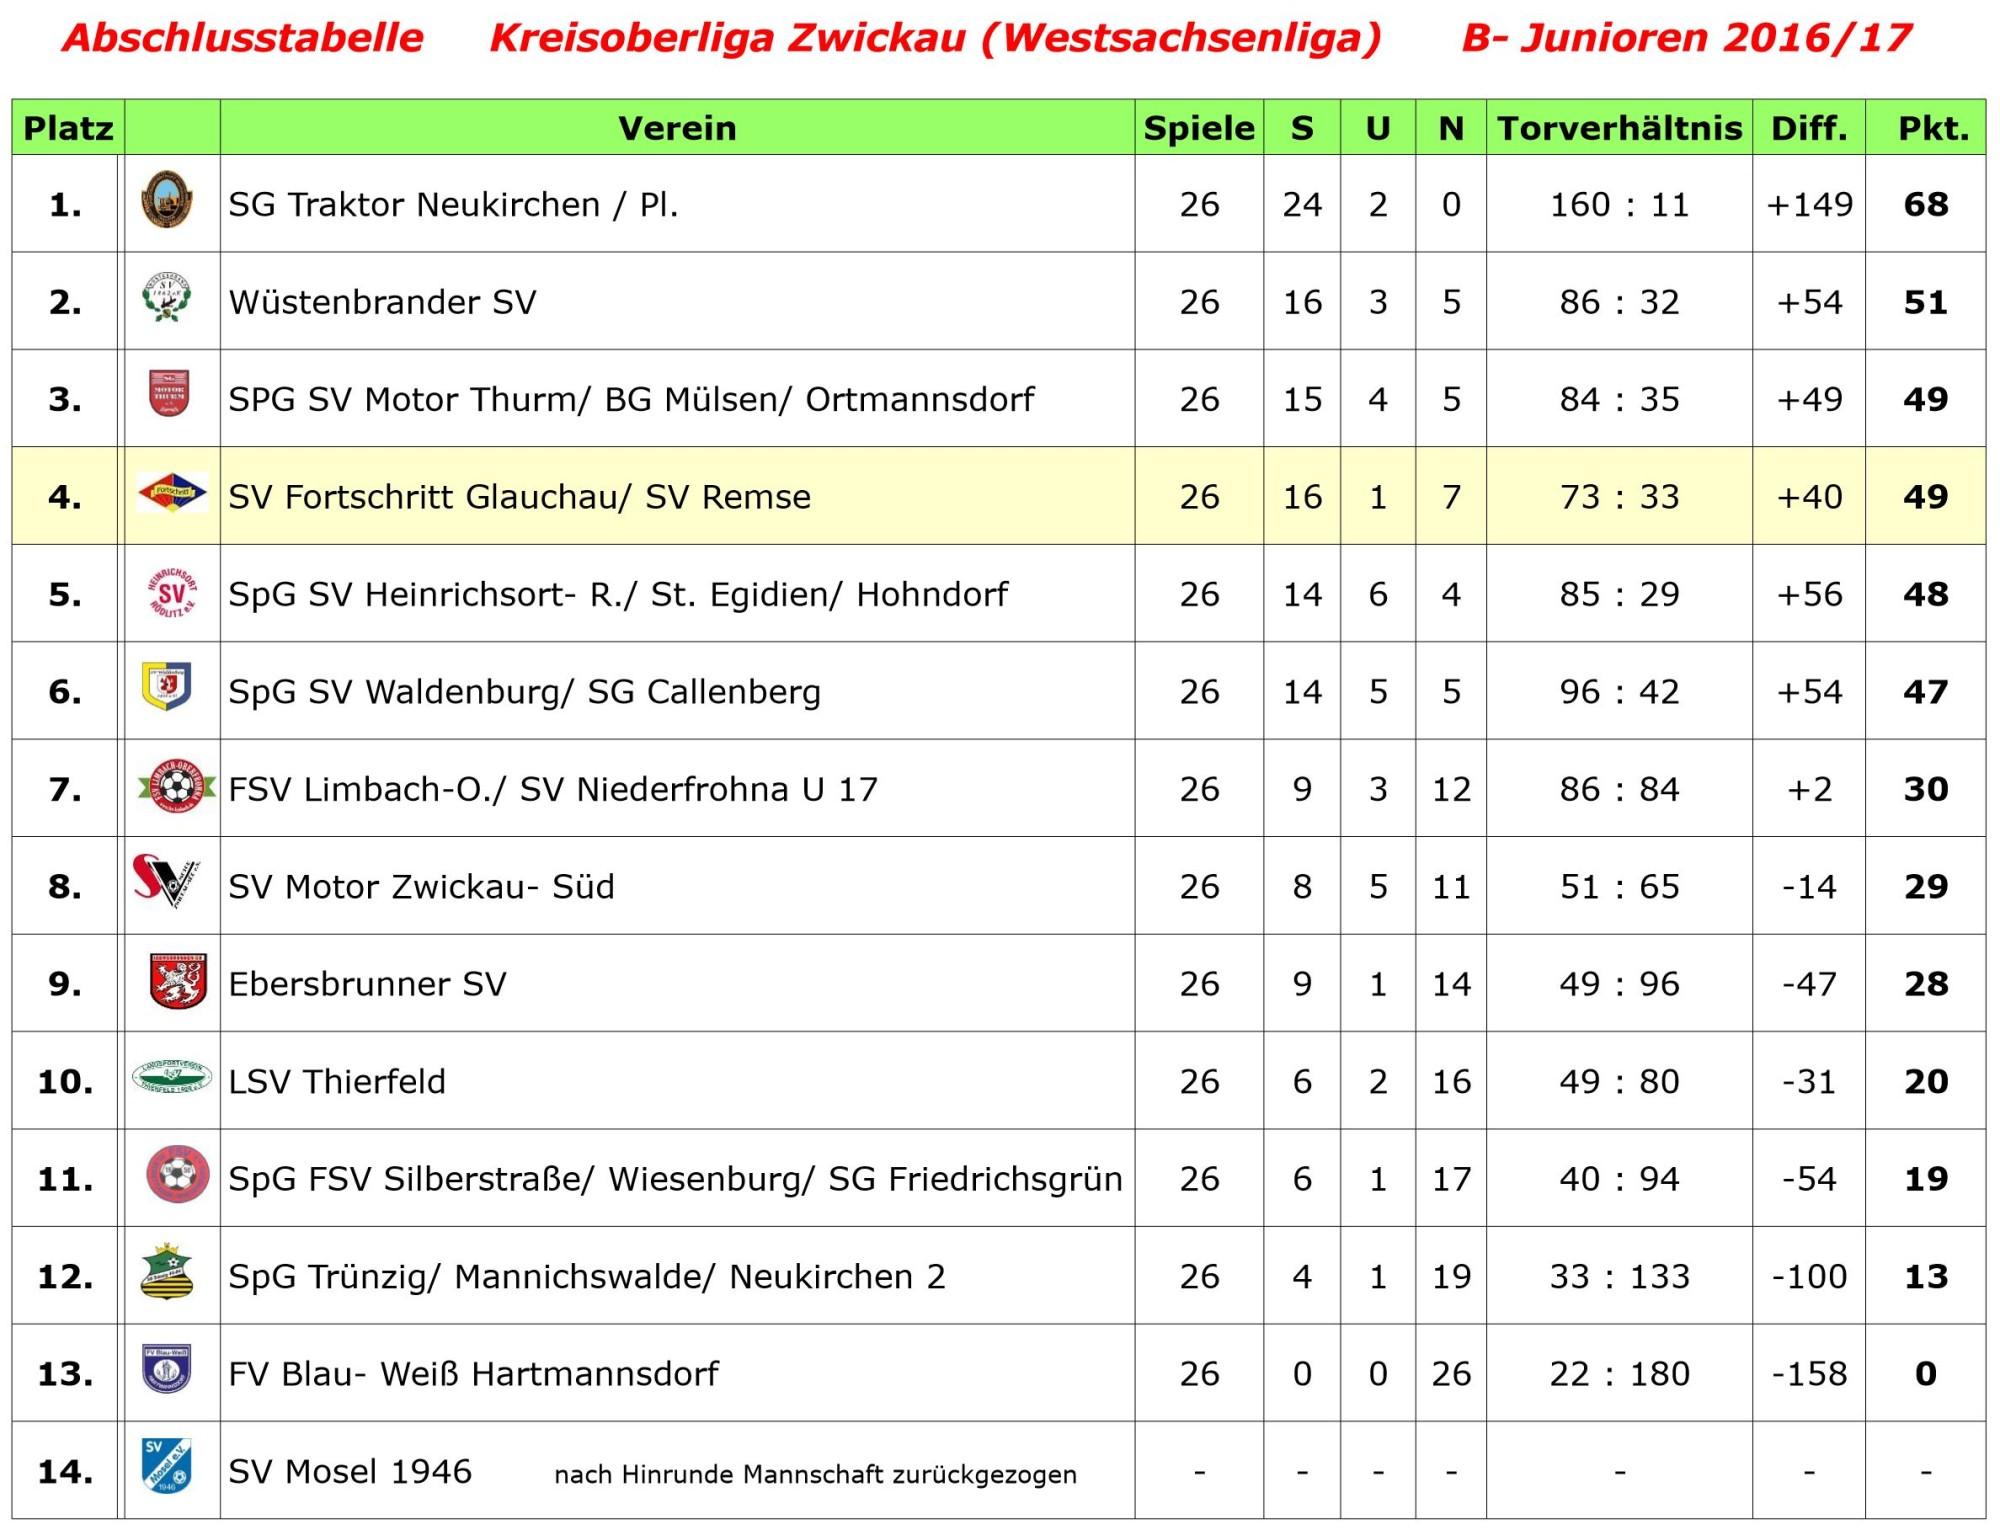 Tabelle B- Junioren 2016-17